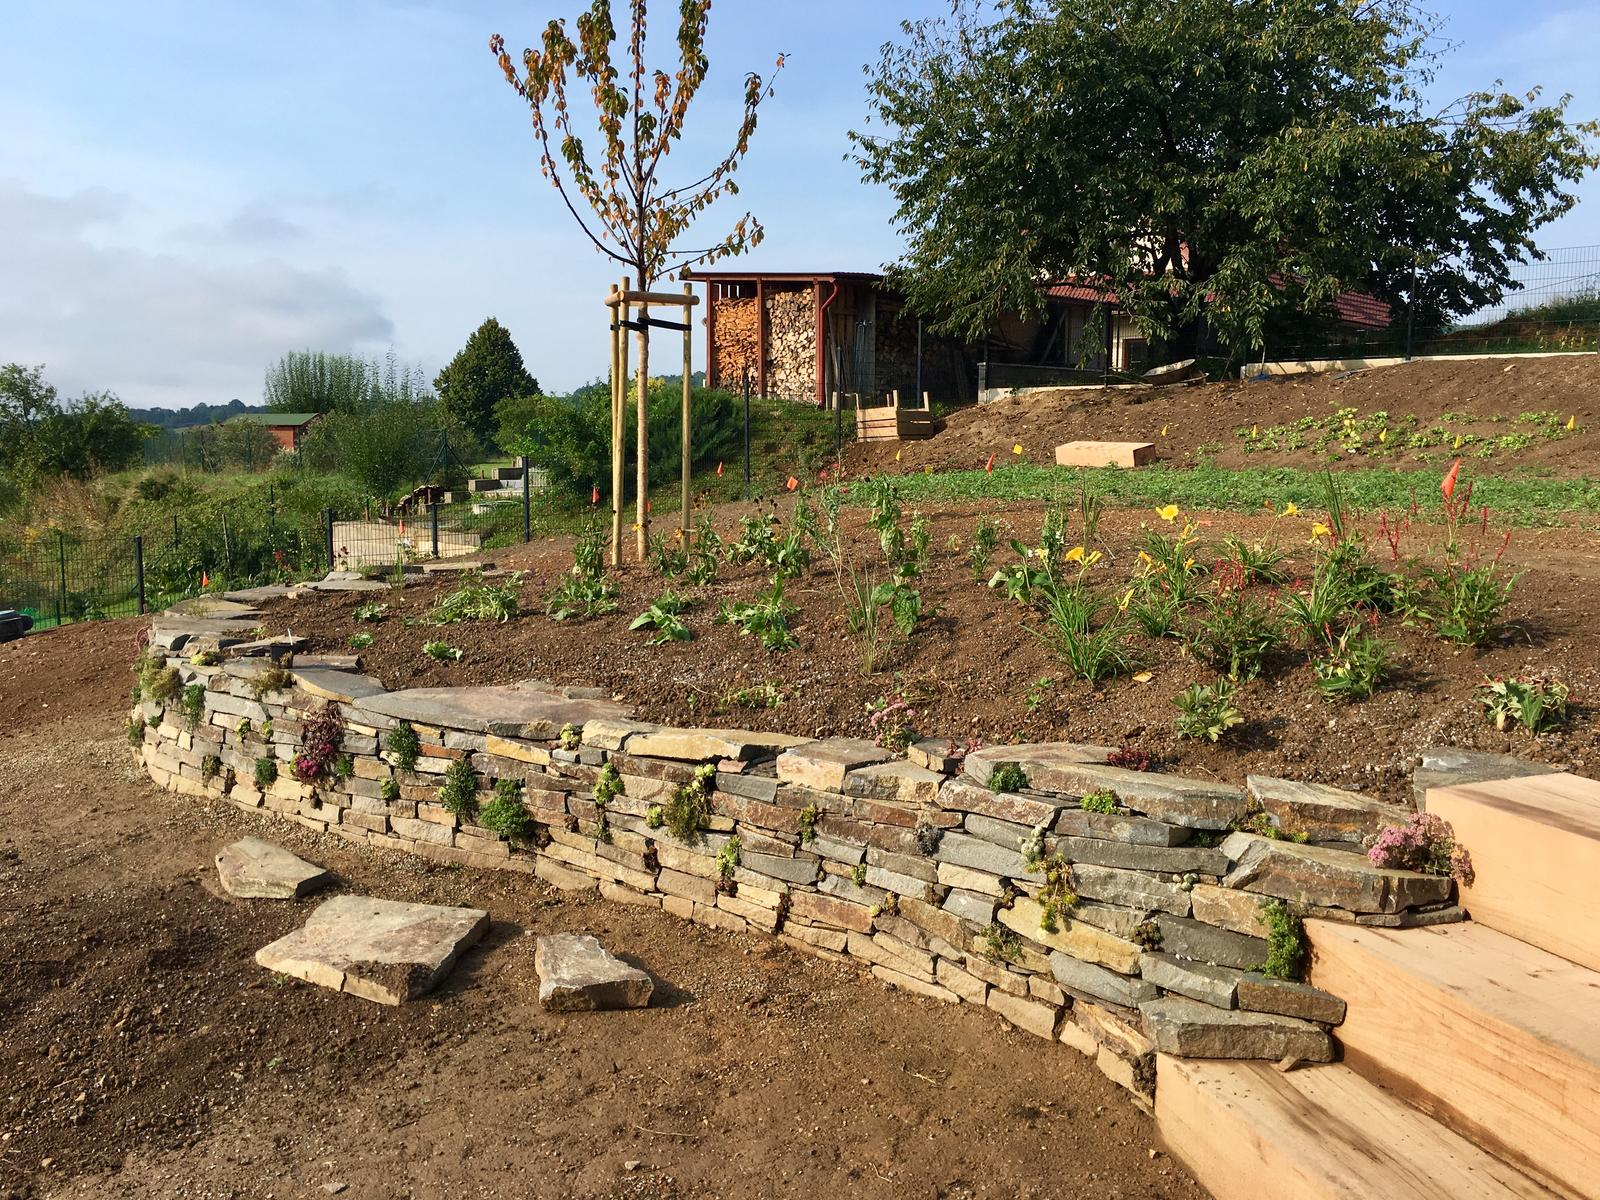 Záhrada v starom sade - Prvé záhony posadené. Vyzerá to zatiaľ dosť biedne a zle sa to fotí. Dúfam že sa čo najskôr rozrastú.